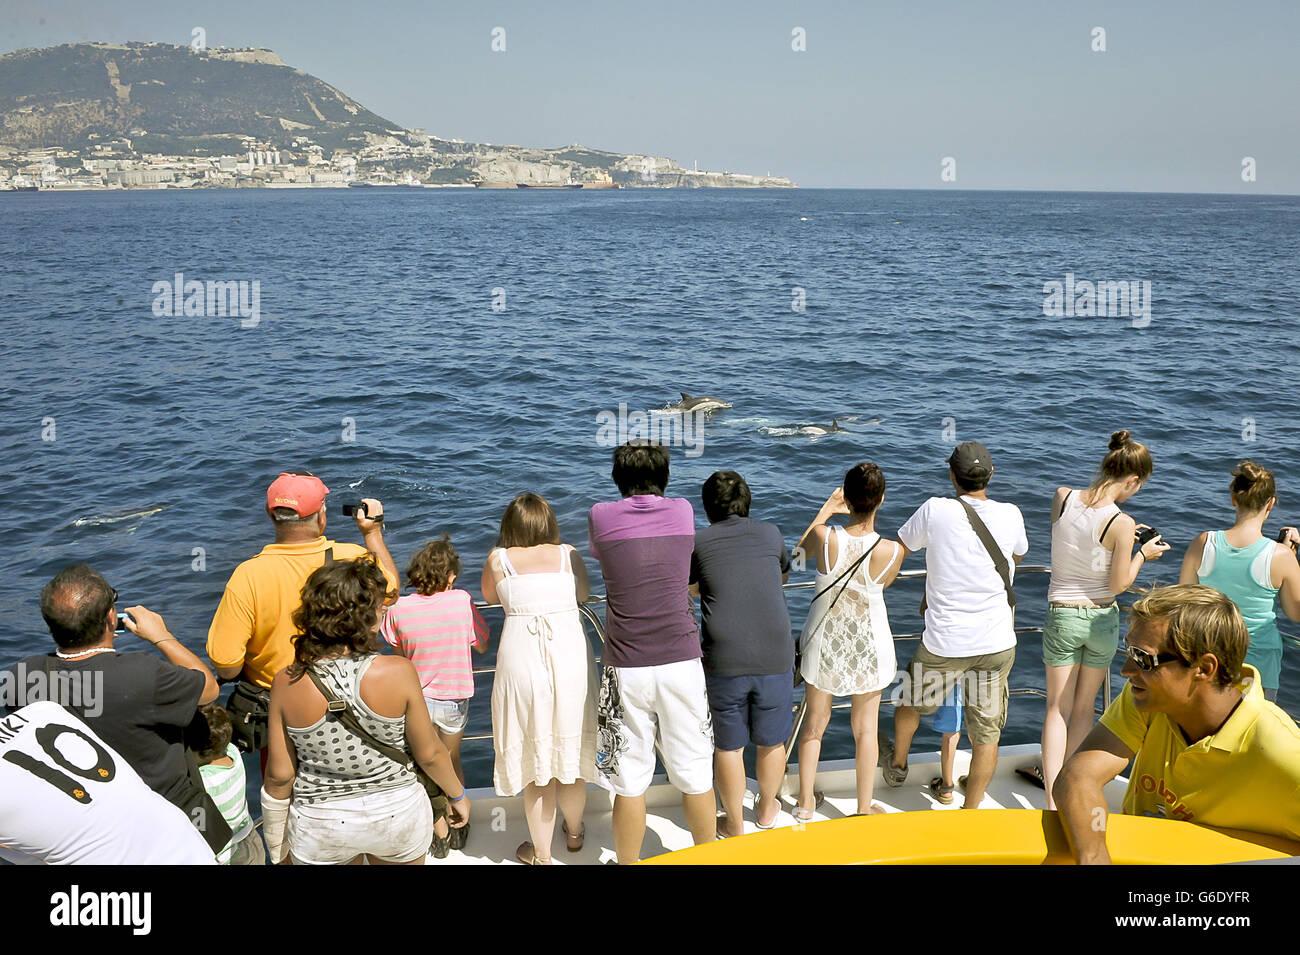 Travel Stock - Gibraltar - Stock Image